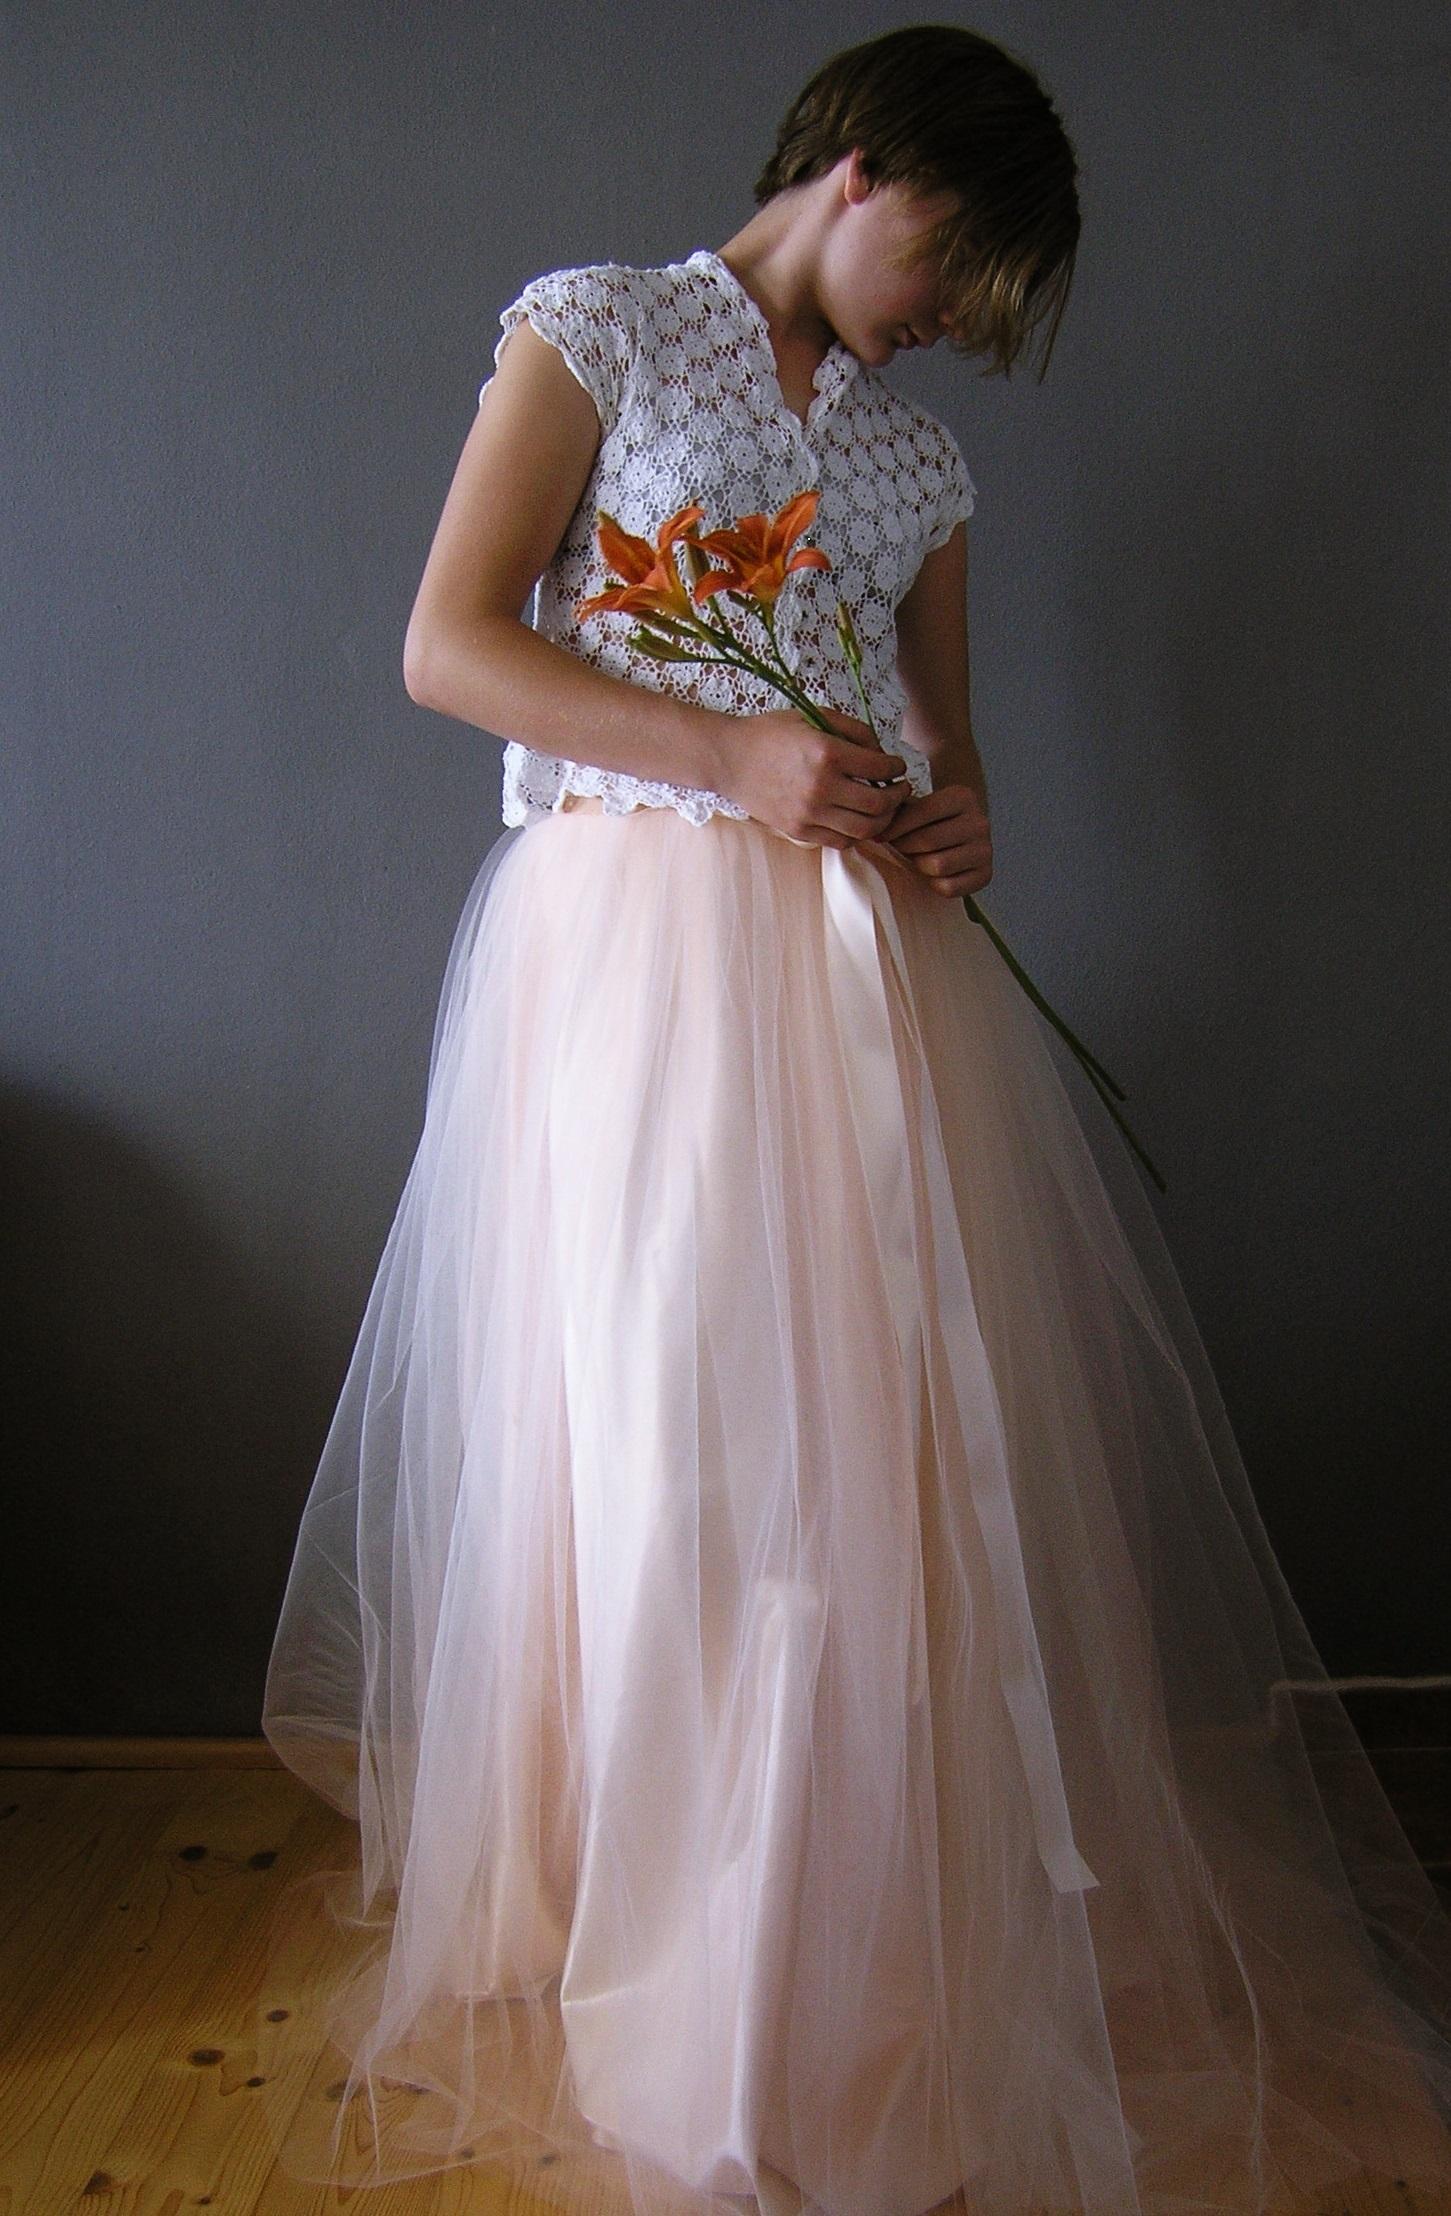 019b3058edf Svatební sukně s vlečkou champagne   Zboží prodejce ceasara